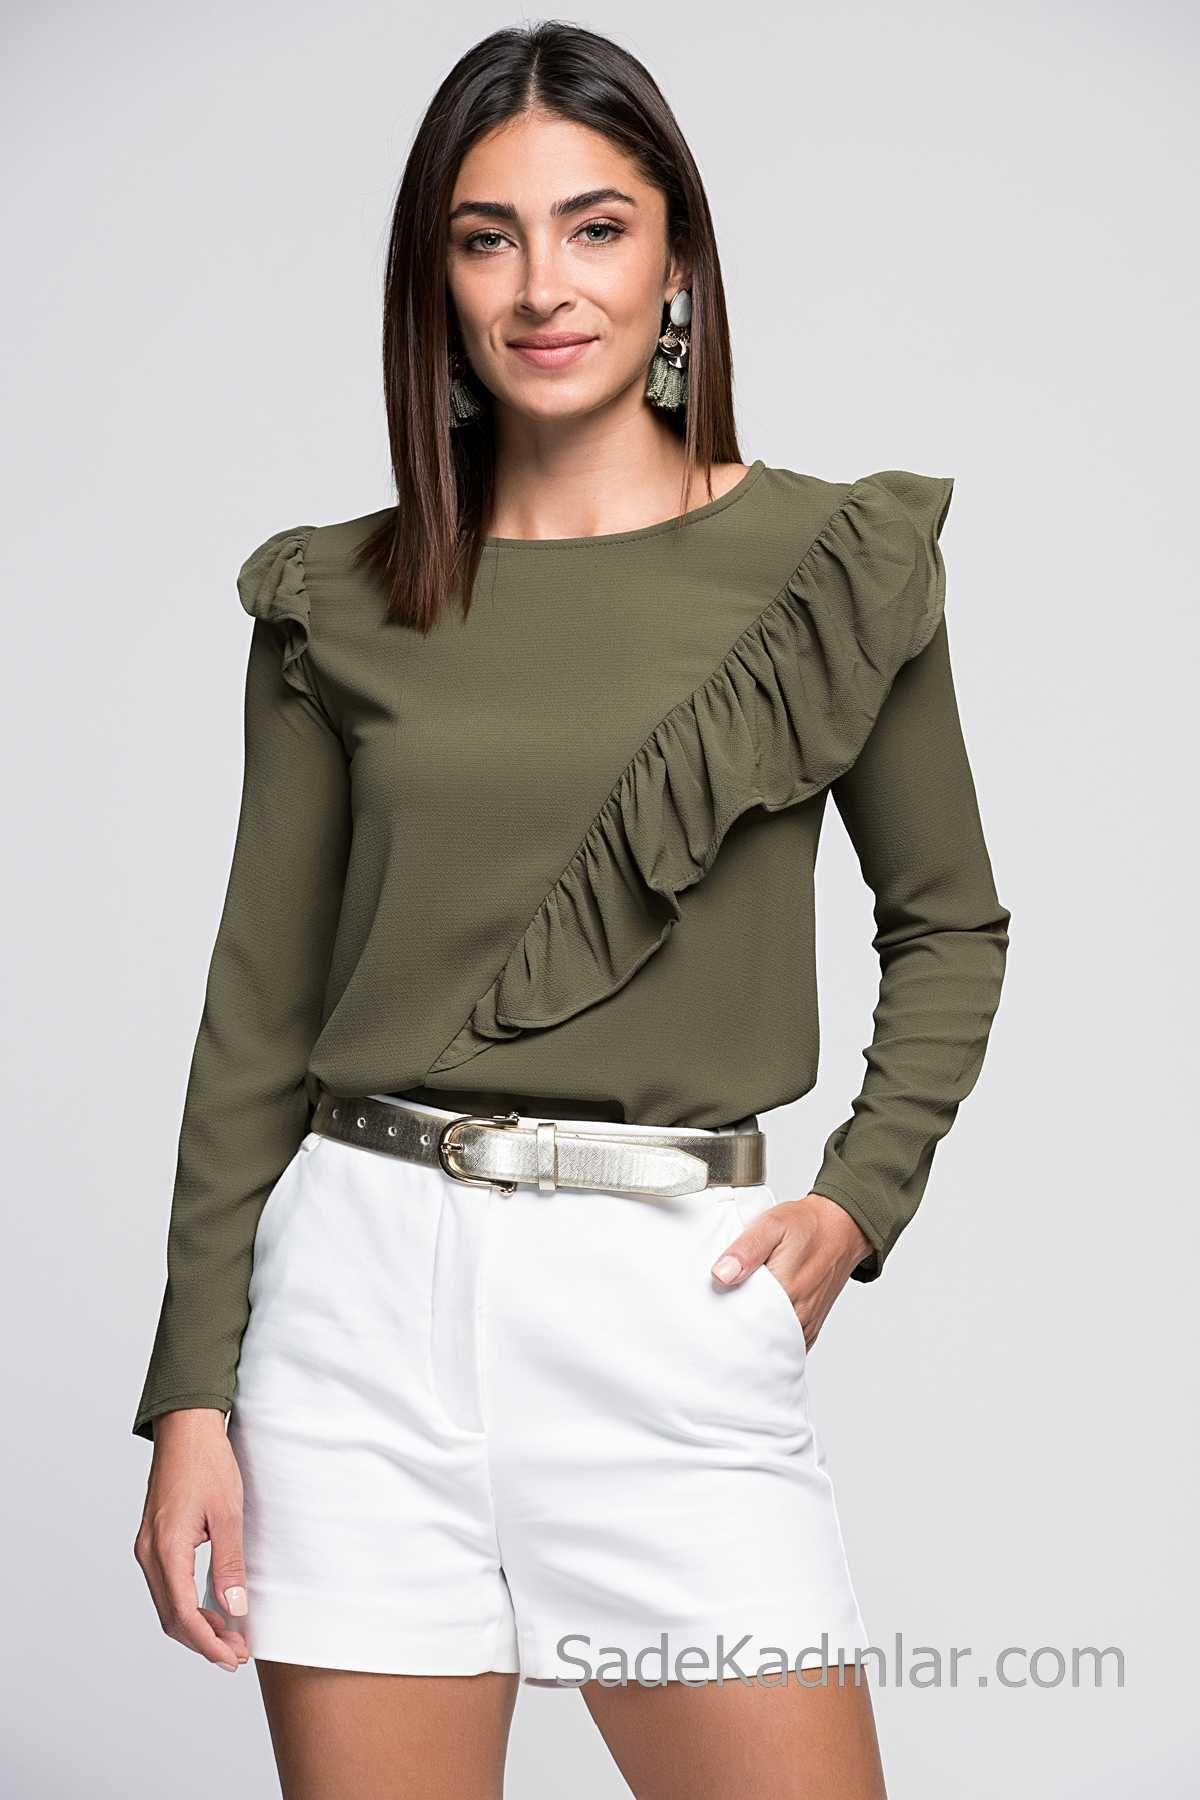 Şık Kombinler İçin 2020 Bluz Modelleri Yeşil Yuvarlak Yaka Yandan Fırfır Detaylı